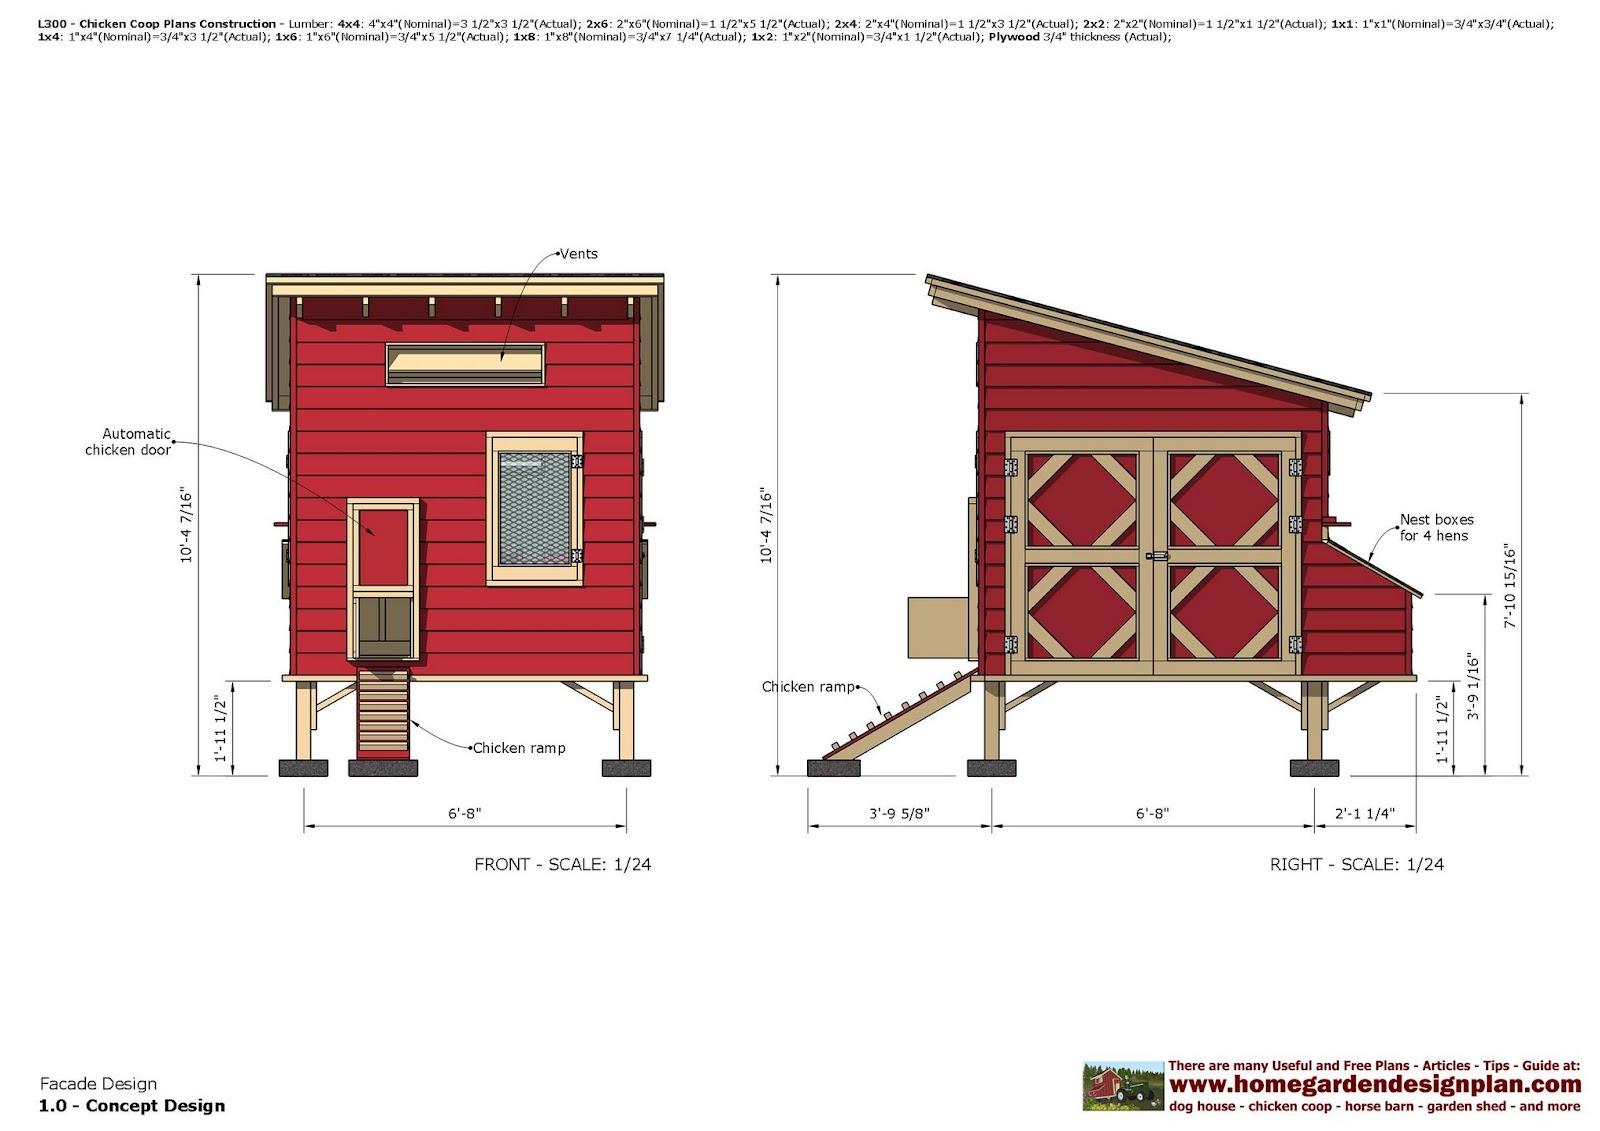 Home garden plans l300 chicken coop plans construction for Chicken coop for 8 10 chickens